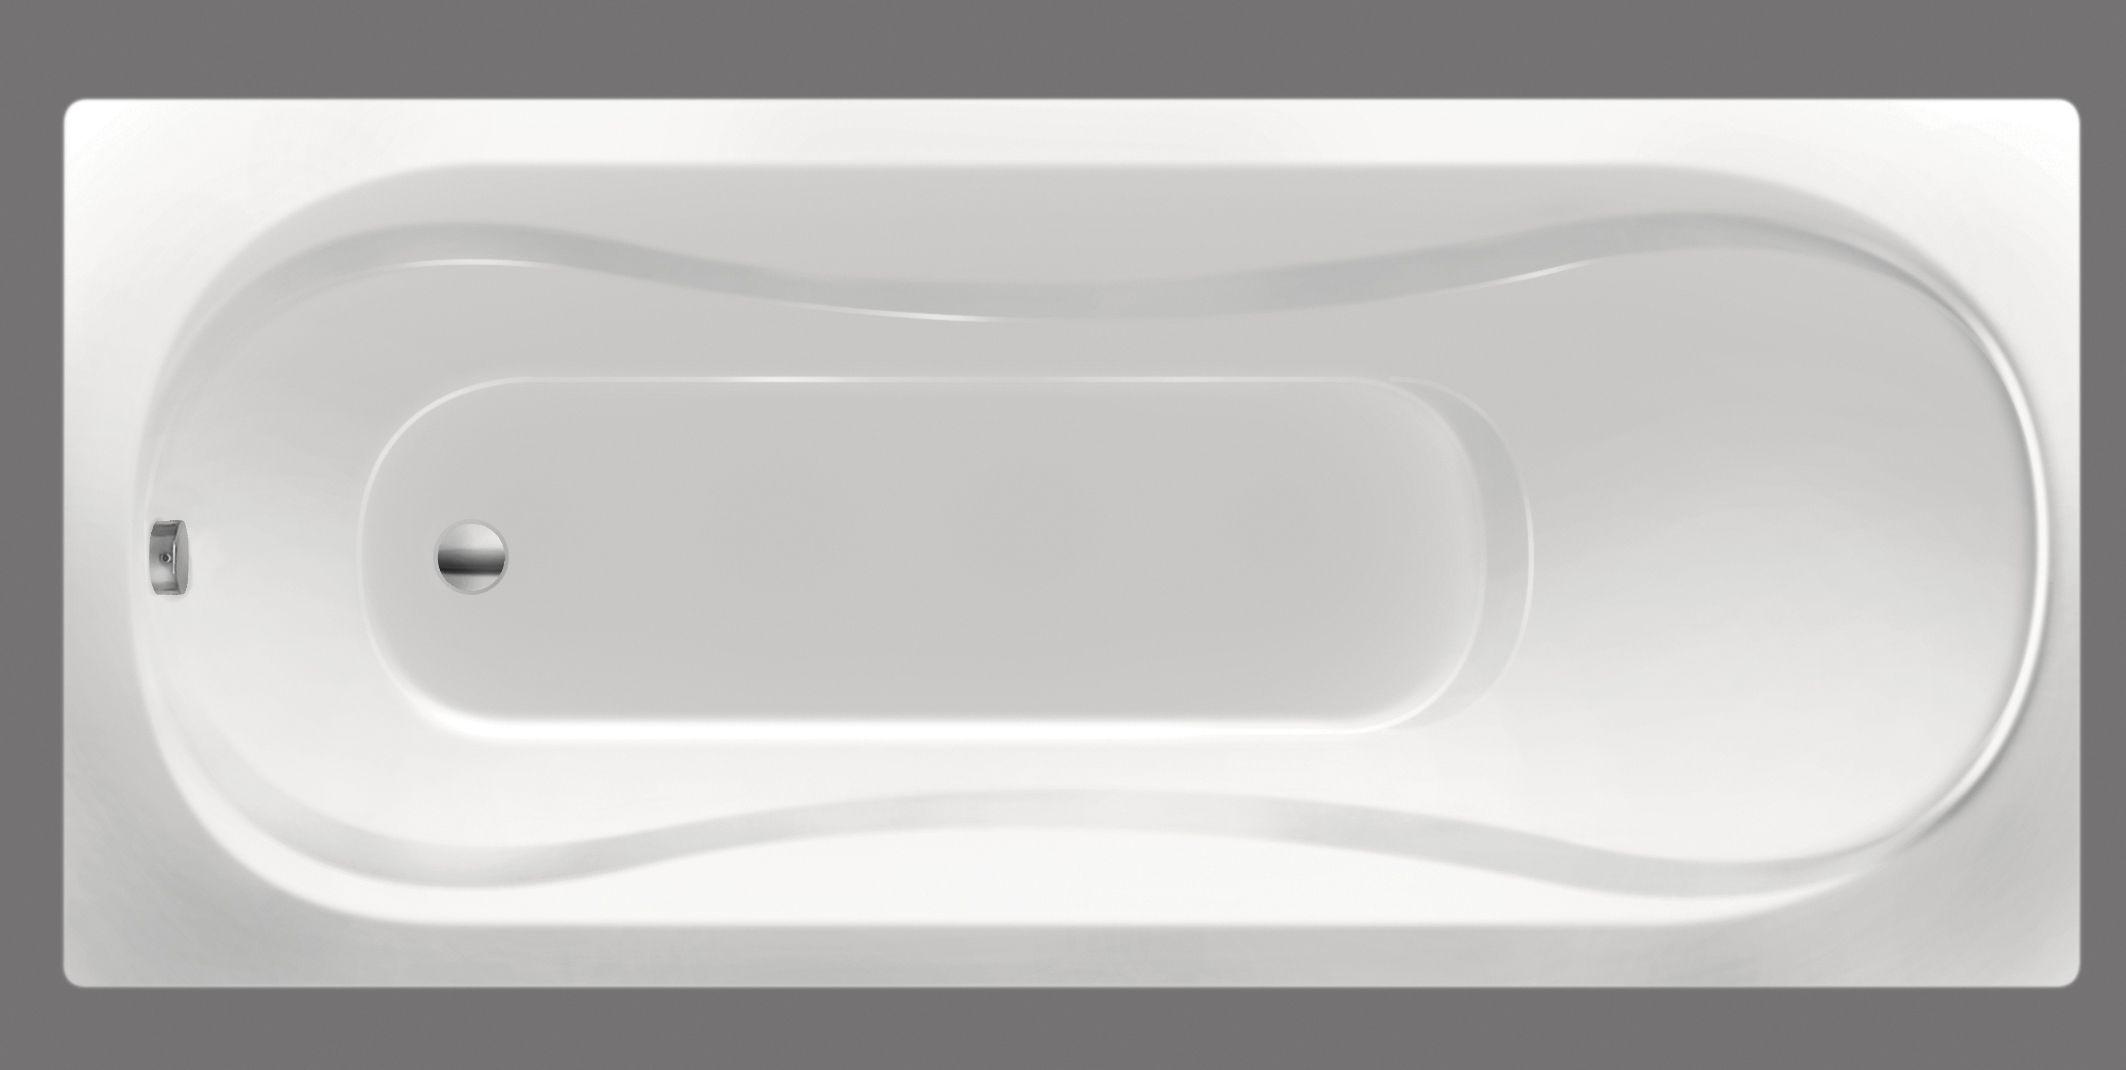 Xenz Bonaire douchebad 180x80x44cm wit